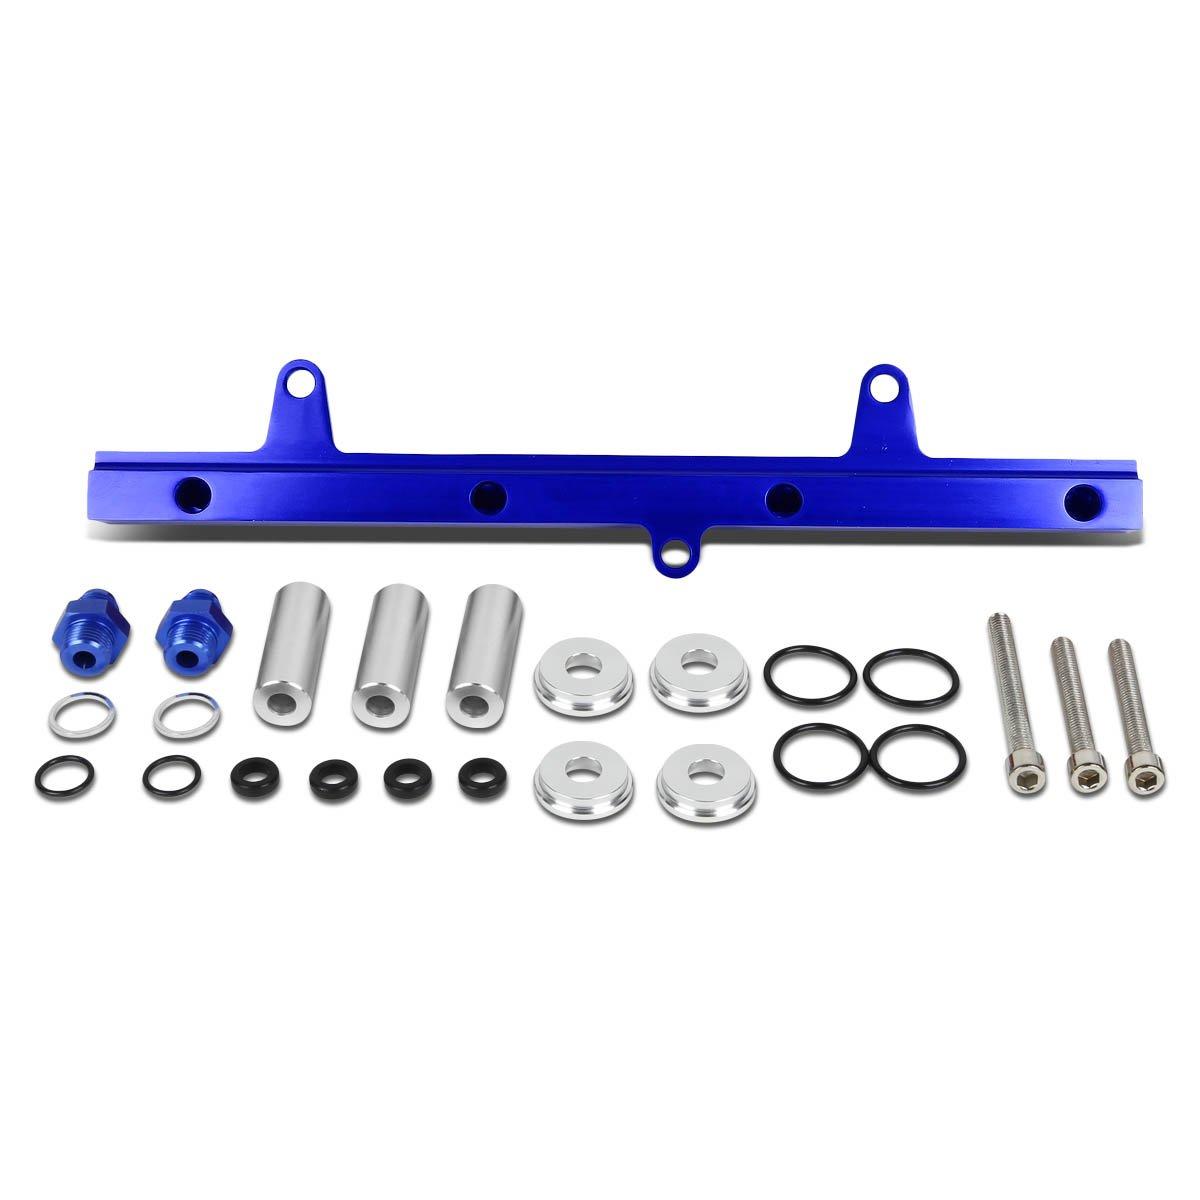 for 89-94 Nissan 240SX Silvia S13 DNA MOTORING FRK-SR20DET-BL High Flow Fuel Injector Rail Kit